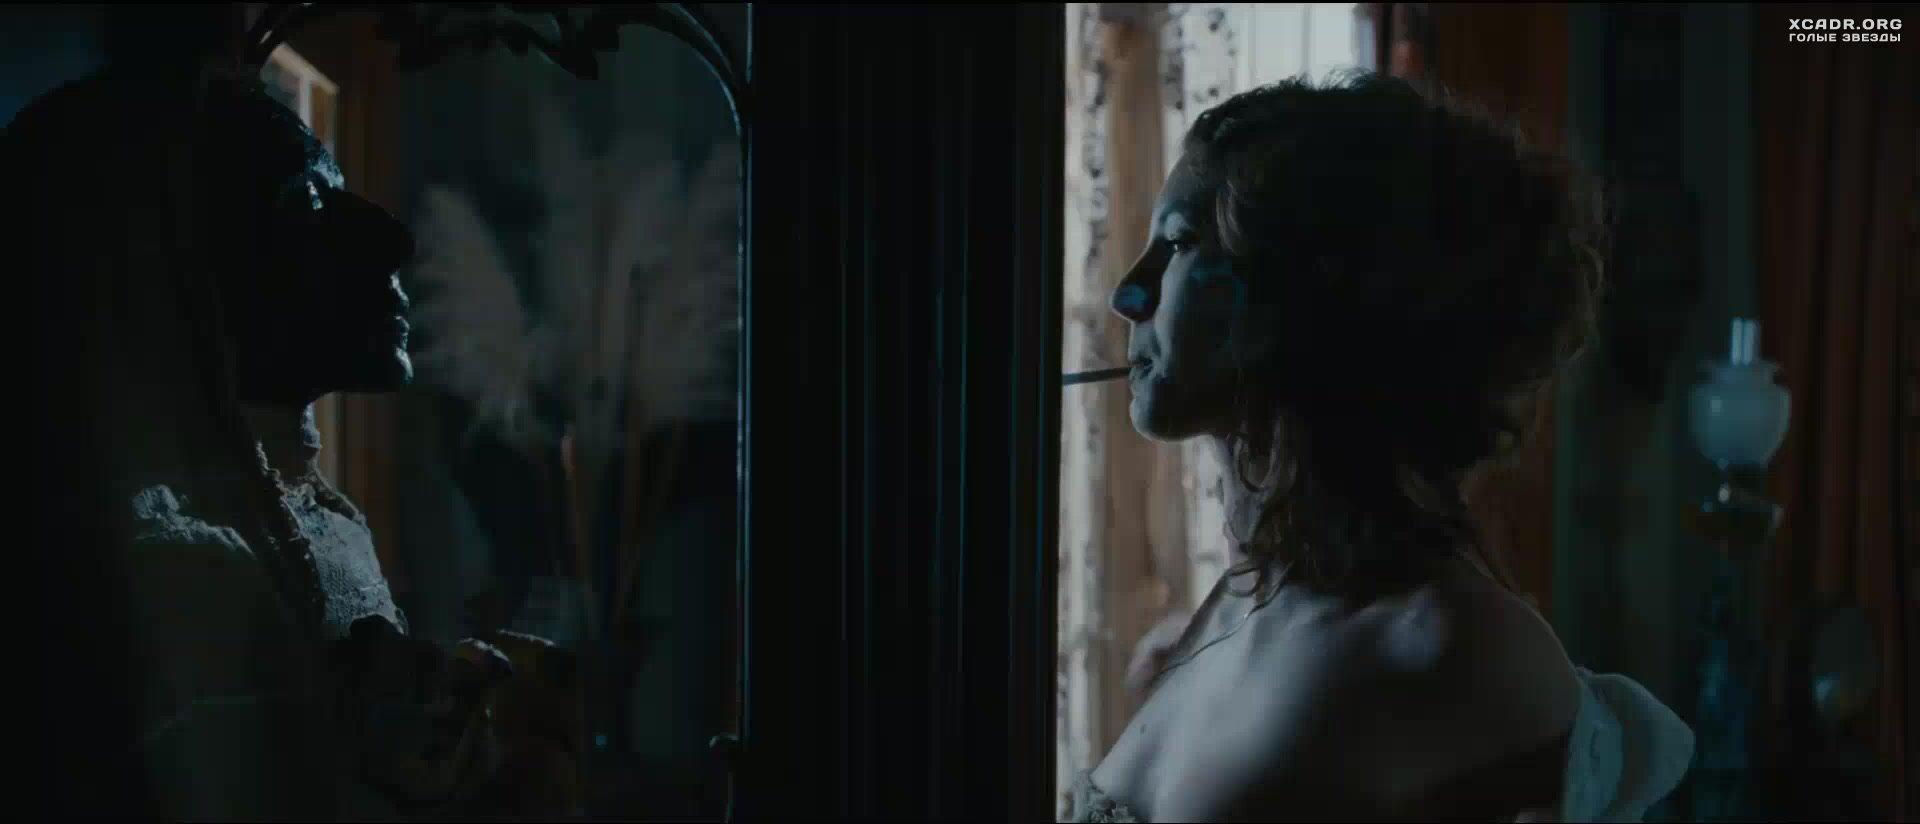 Закинул необычайные приключения адель порно